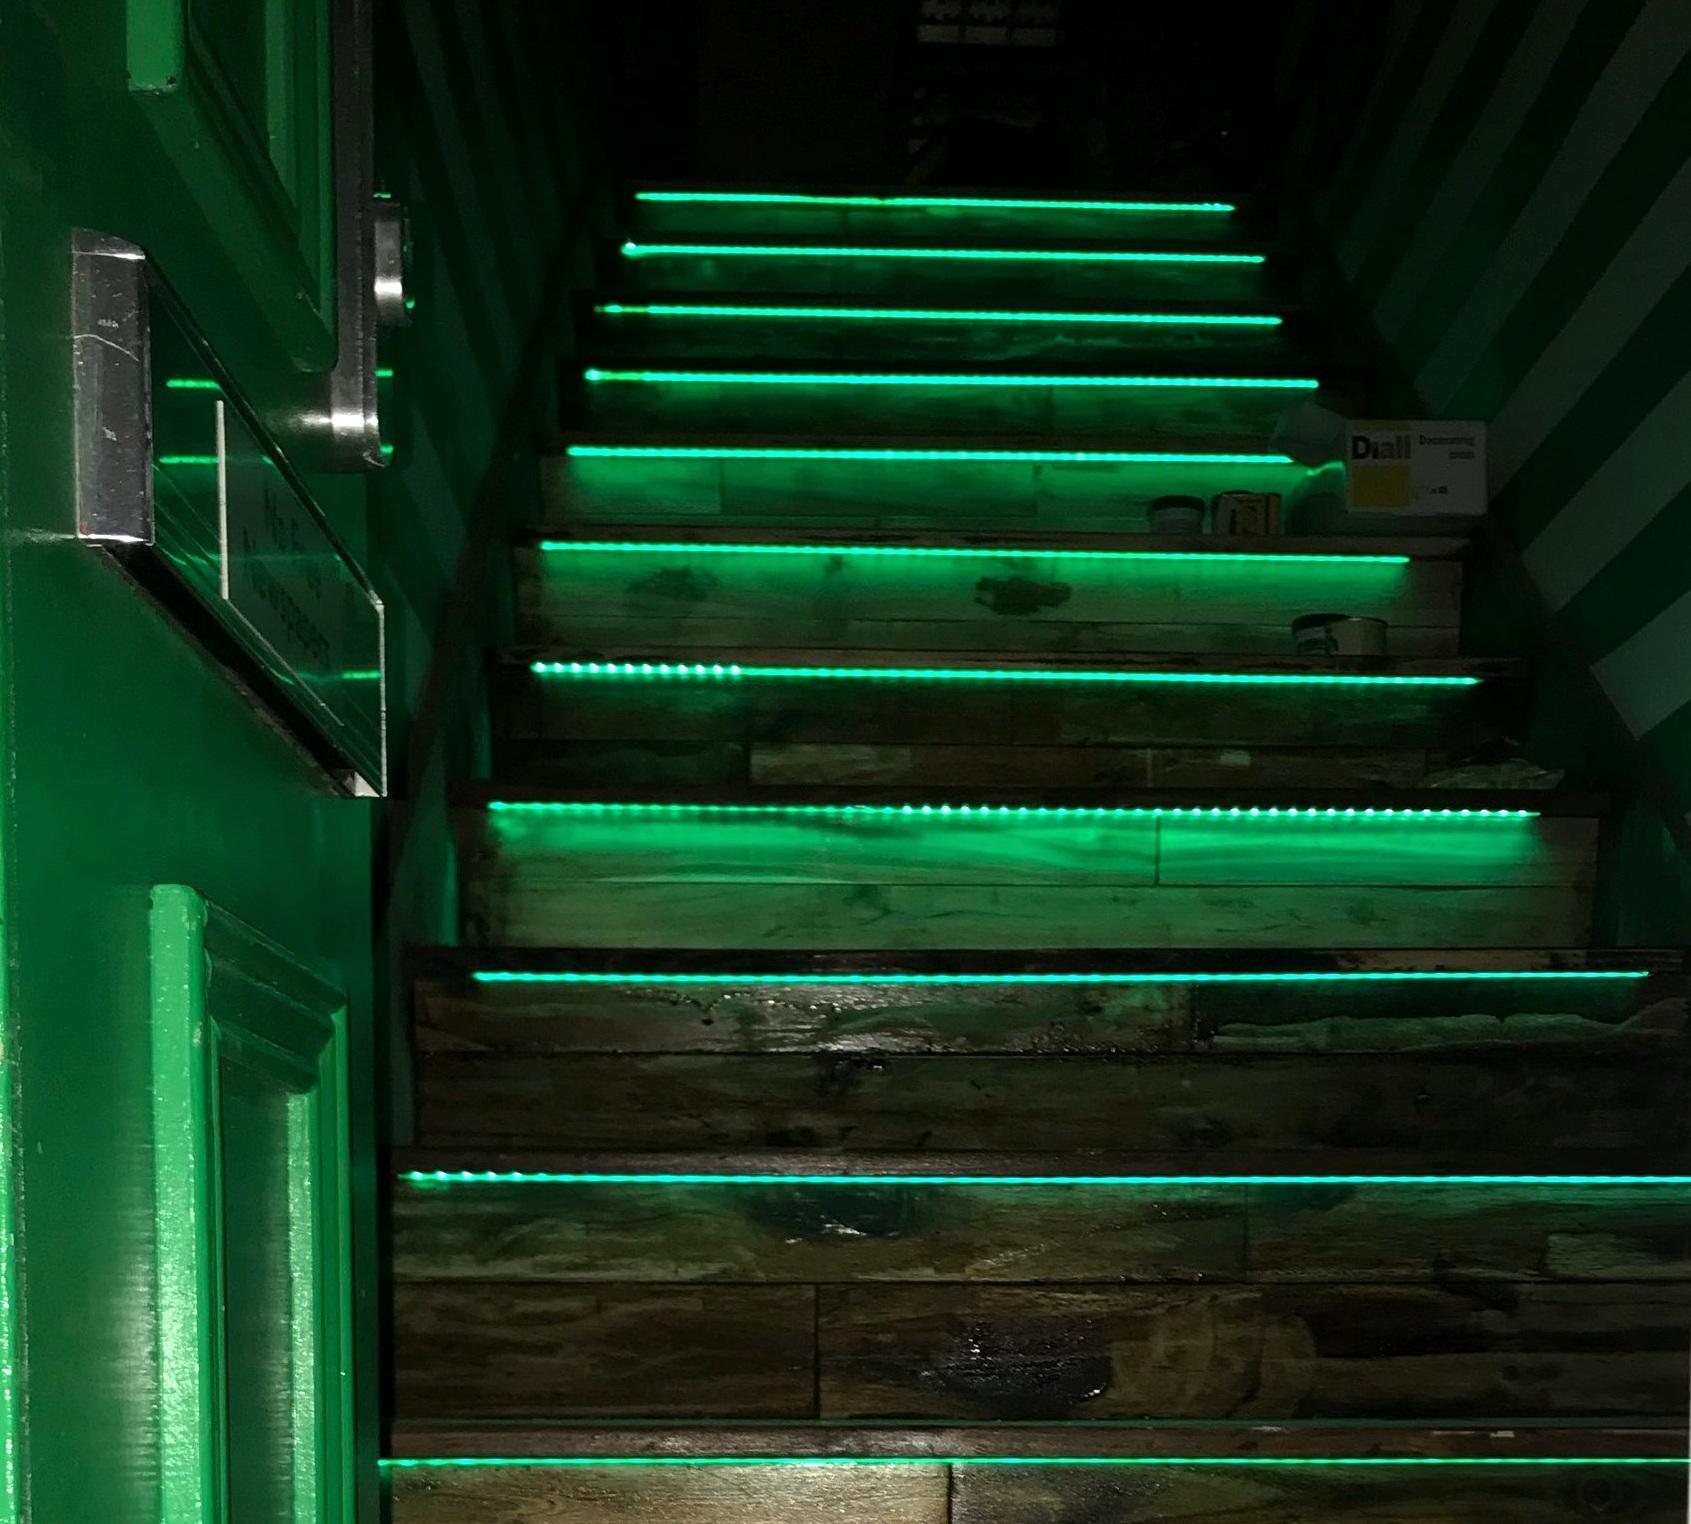 stair-lights-green-celtic.jpg